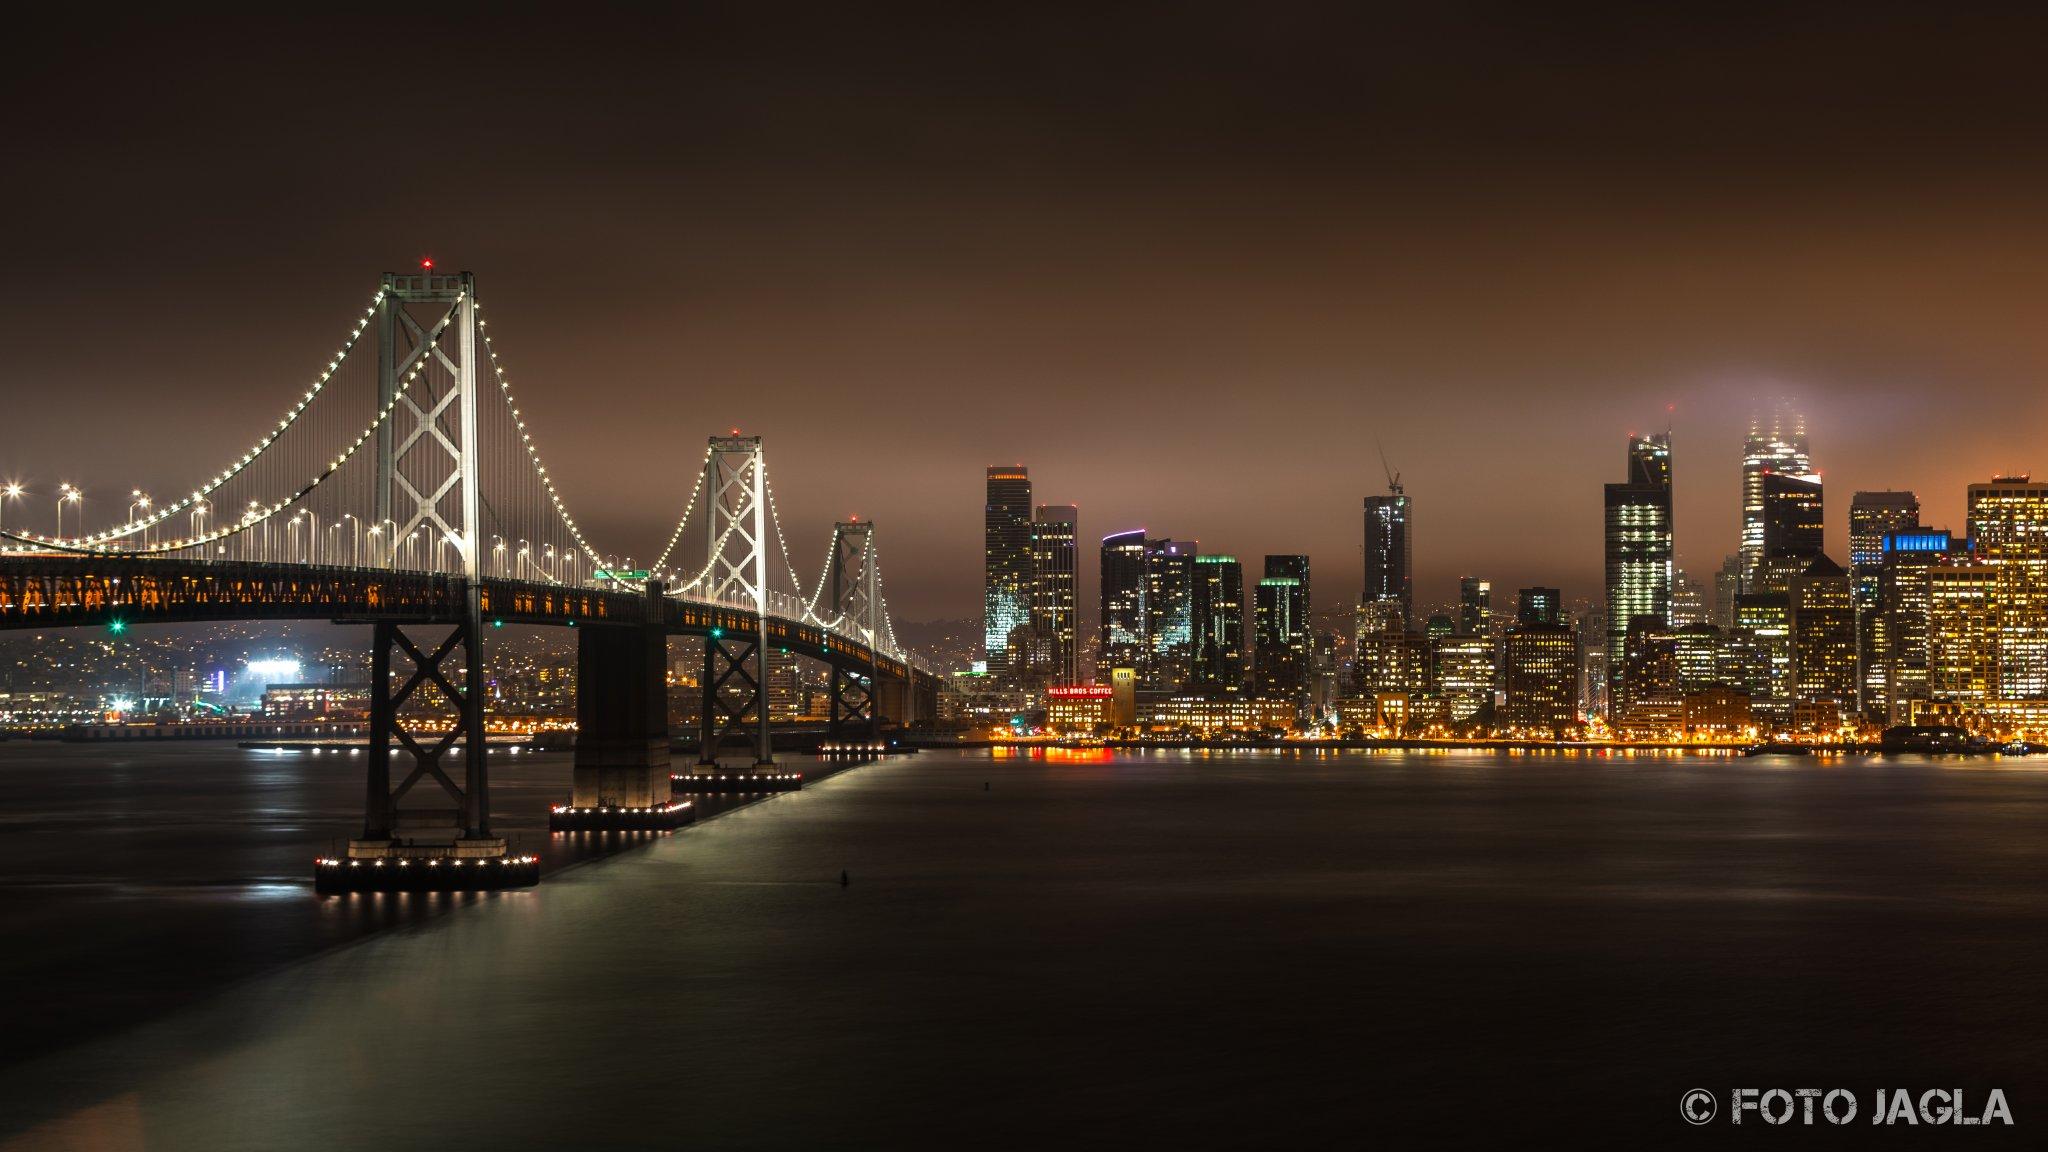 Kalifornien - September 2018 Oakland Bay Bridge bei Nacht mit Blick auf die Piers San Francisco - Treasure Island